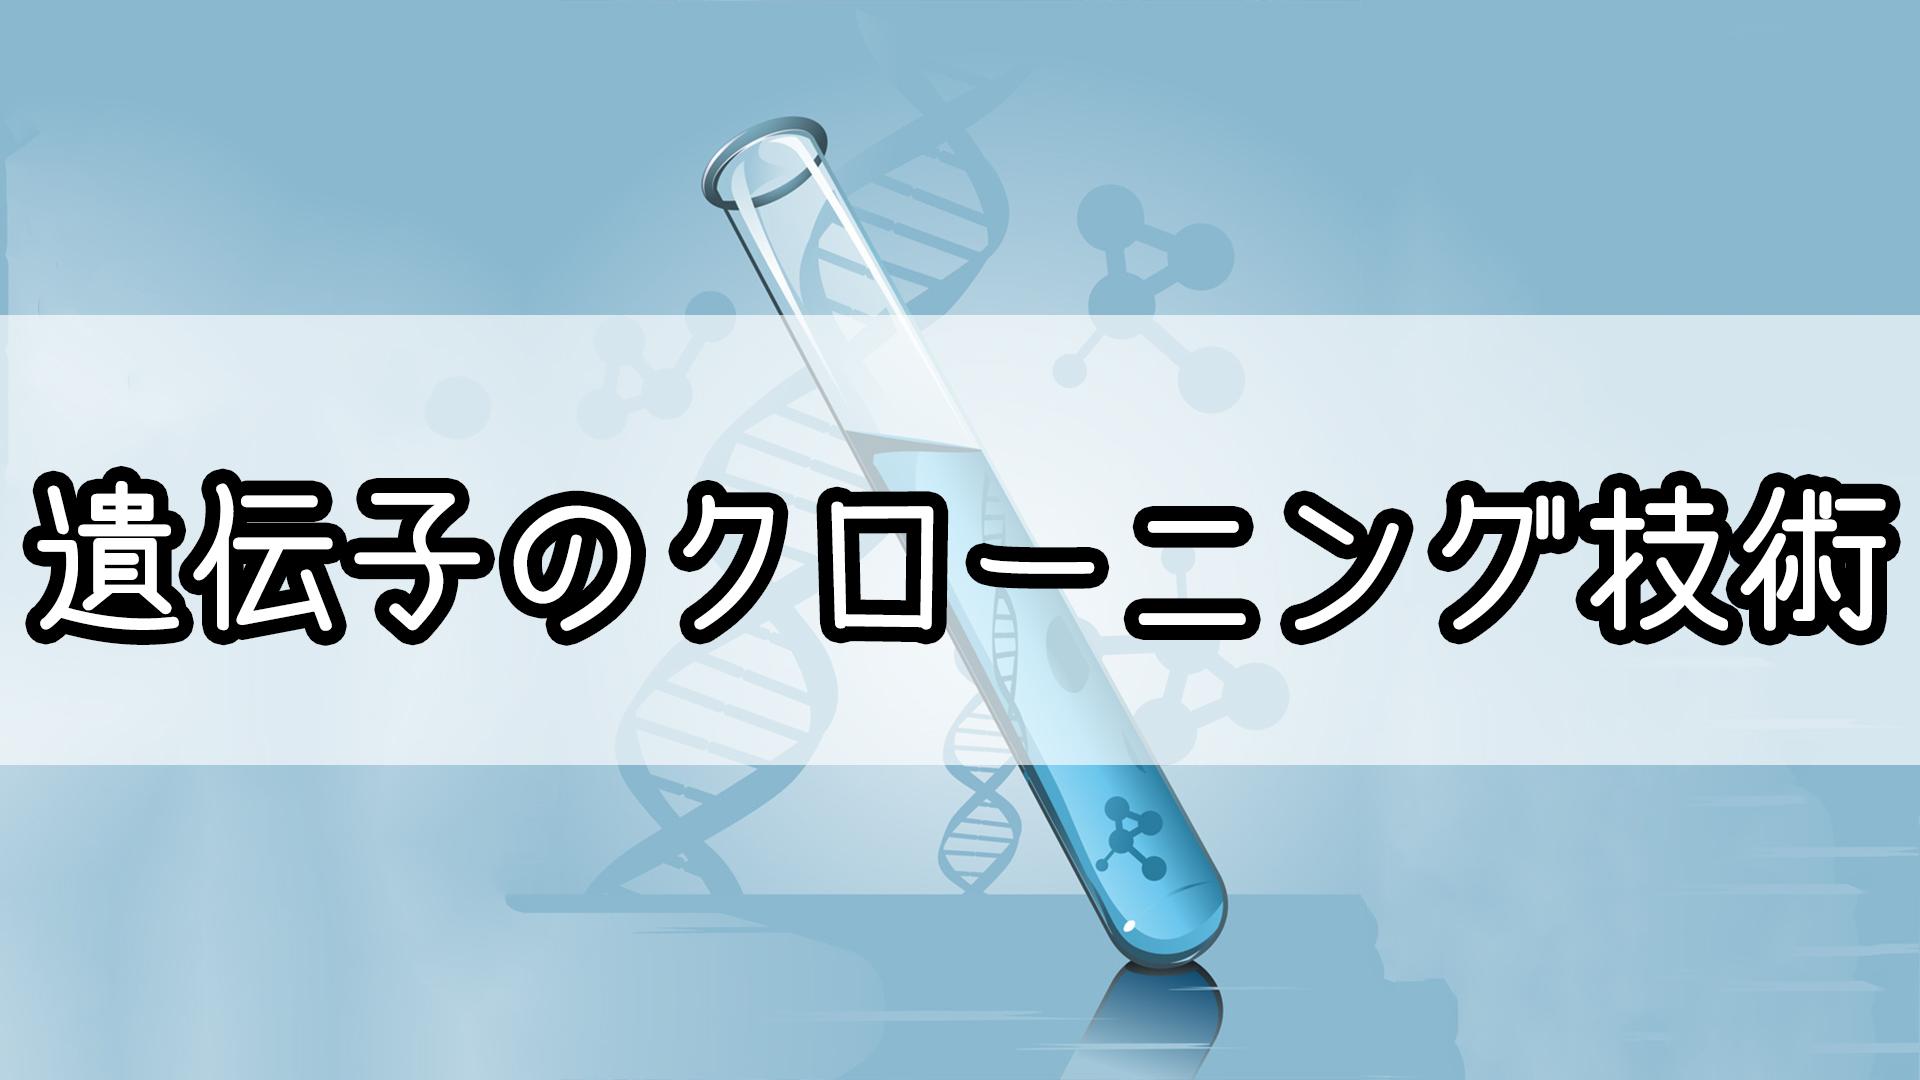 『遺伝子のクローニング技術』のゴロ・覚え方